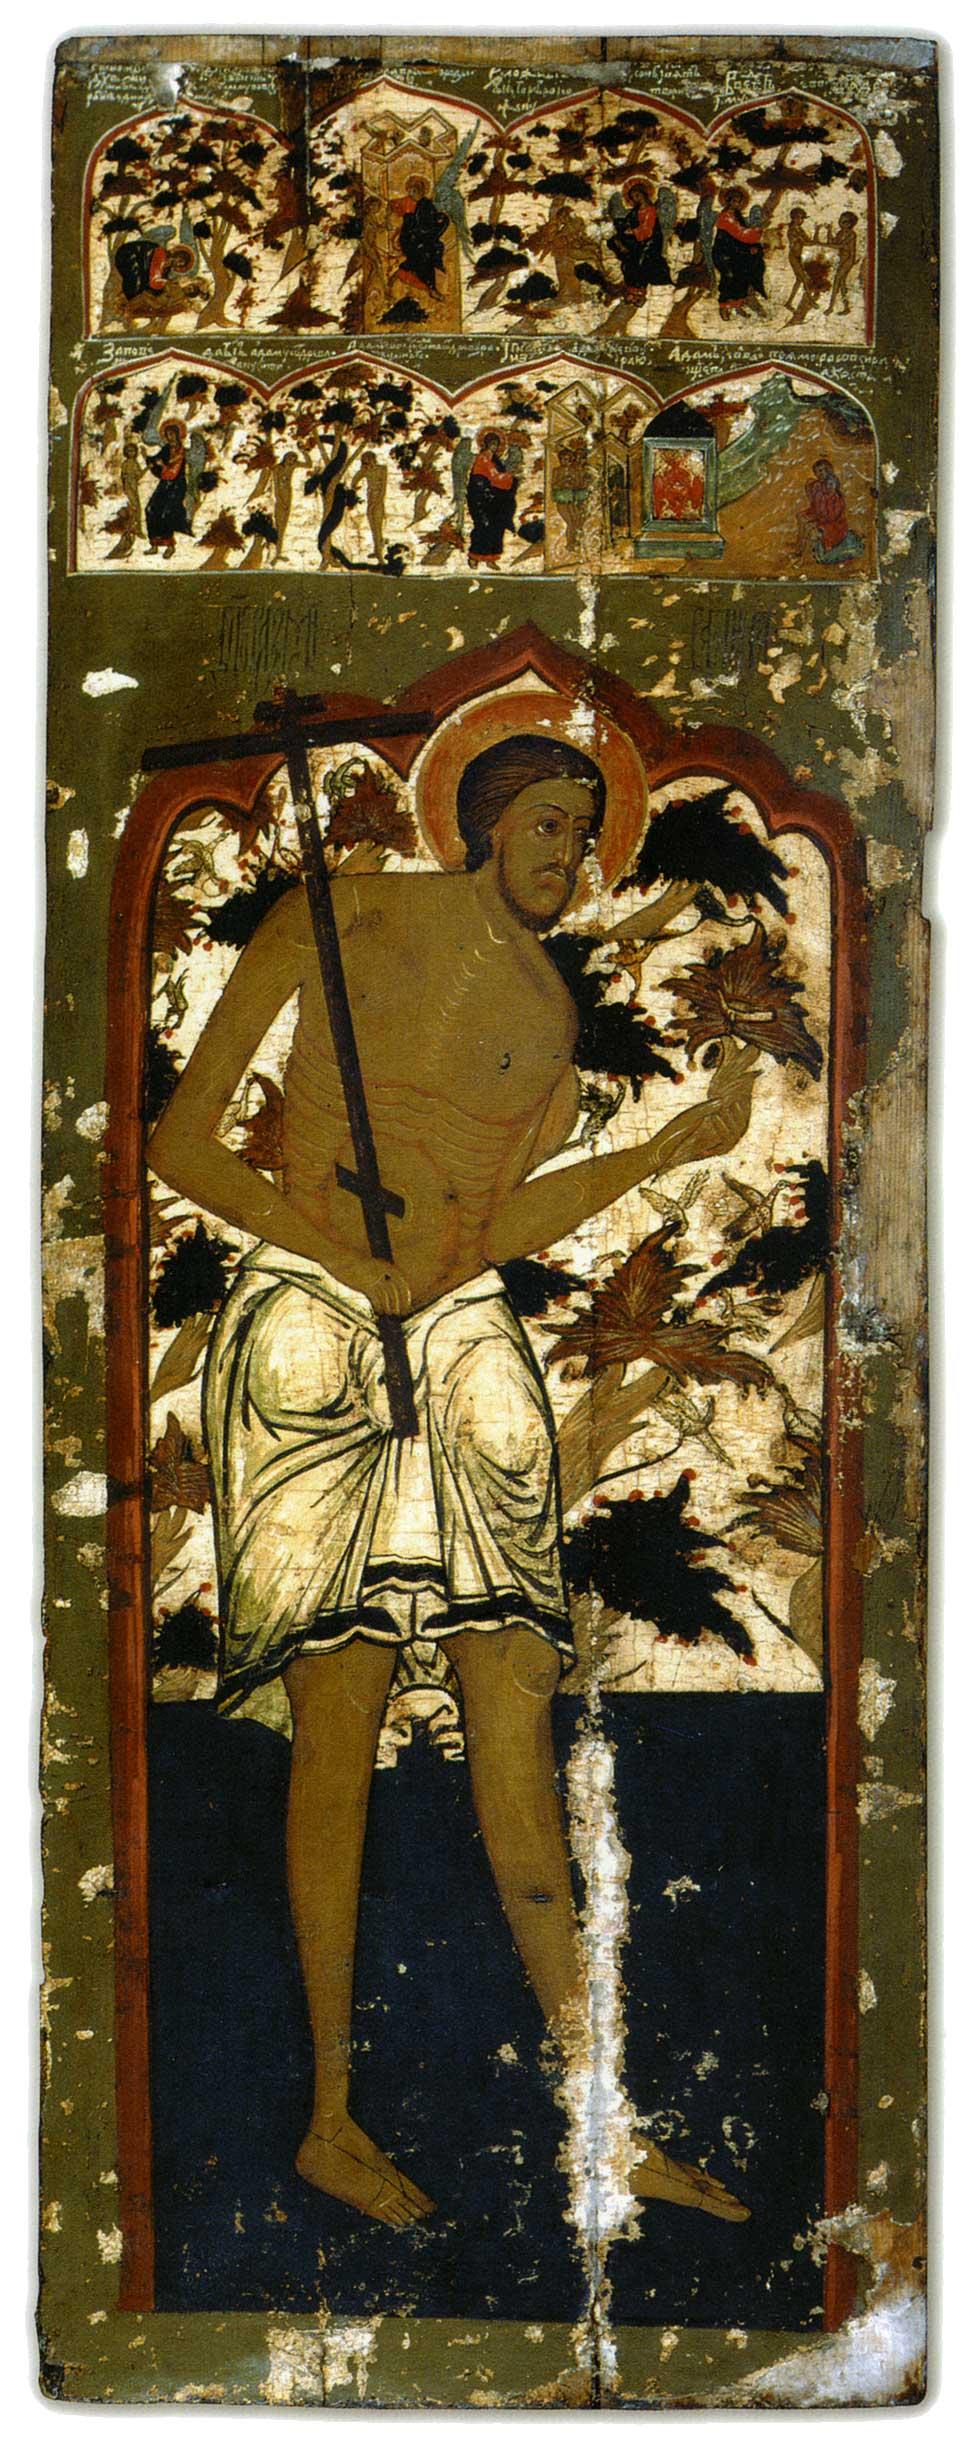 Благоразумный разбойник, со сценами истории Адама и Евы